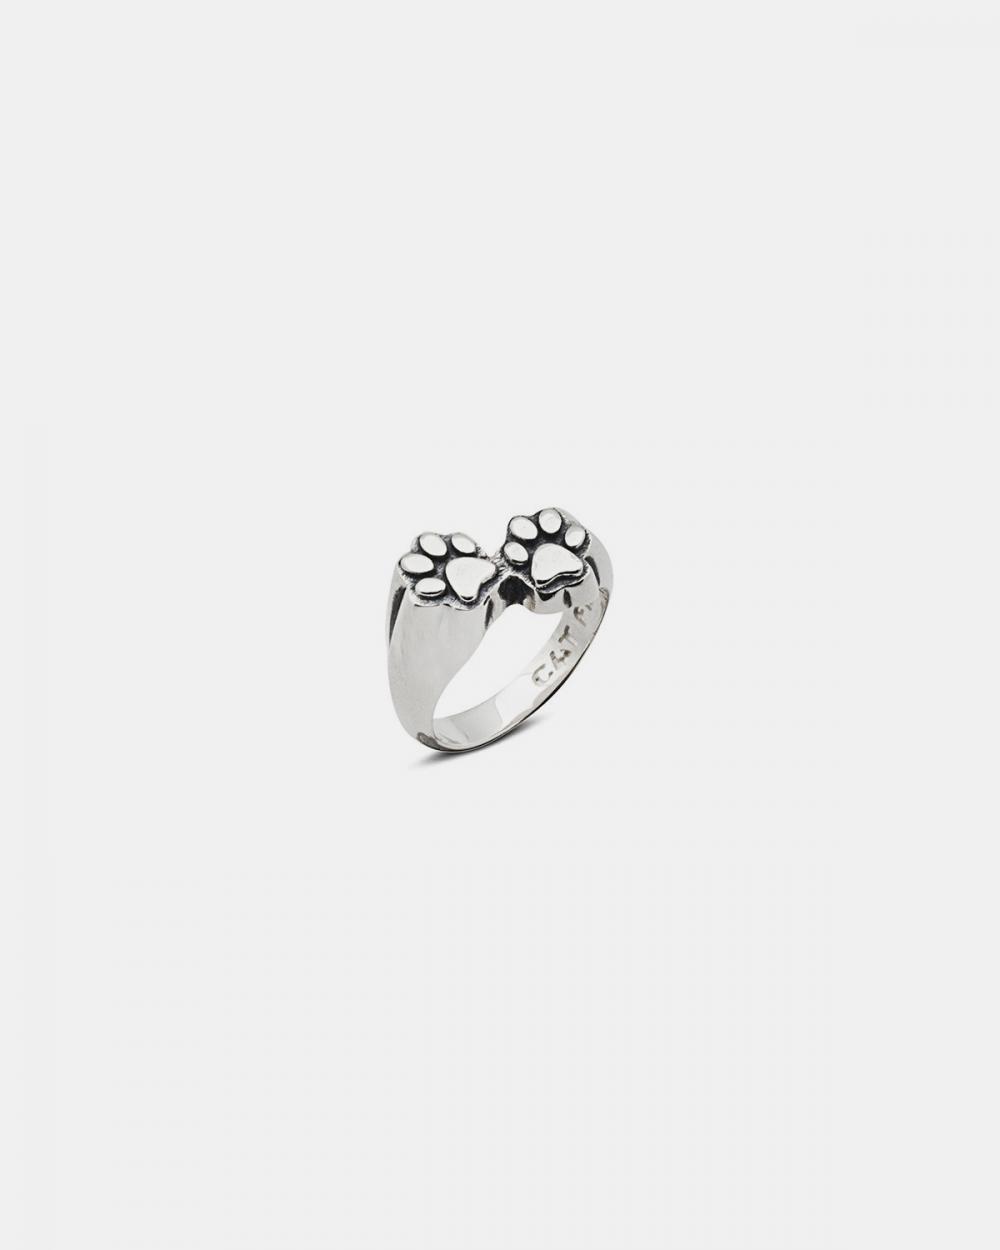 anello cat print argento brunito lucido